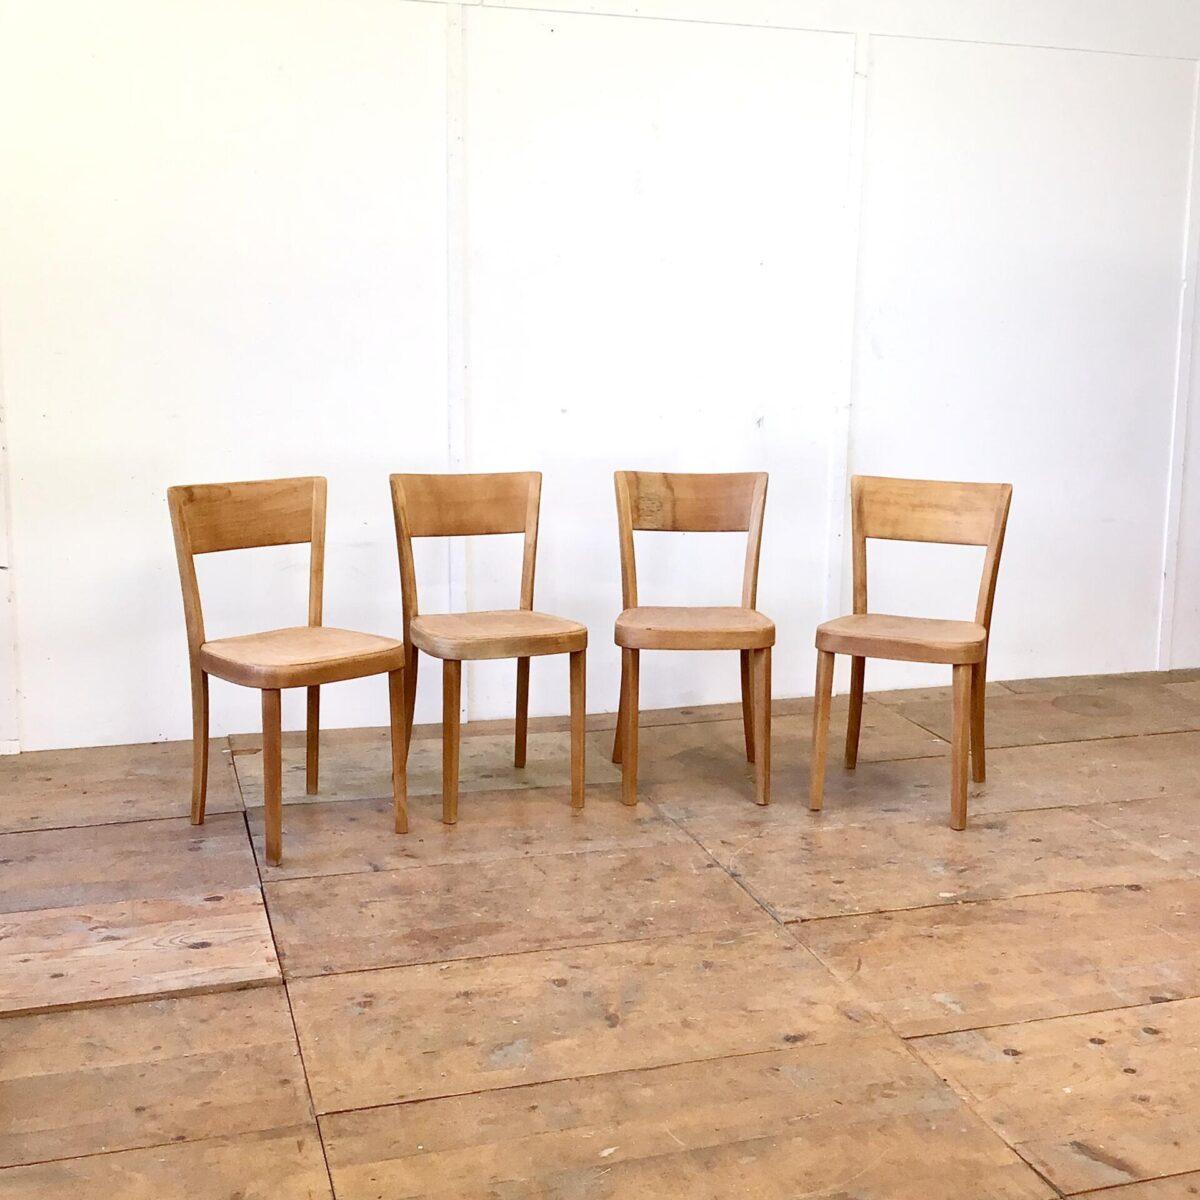 Gut gelebte Esszimmer Stühle von horgenglarus. Frisch verleimt komplett geschliffen und geölt. Warme matte honiggelbe Ausstrahlung. Teilweise deutliche Alterspatina. Beizenstühle von horgenglarus sind fast alle sehr bequem und langlebig.